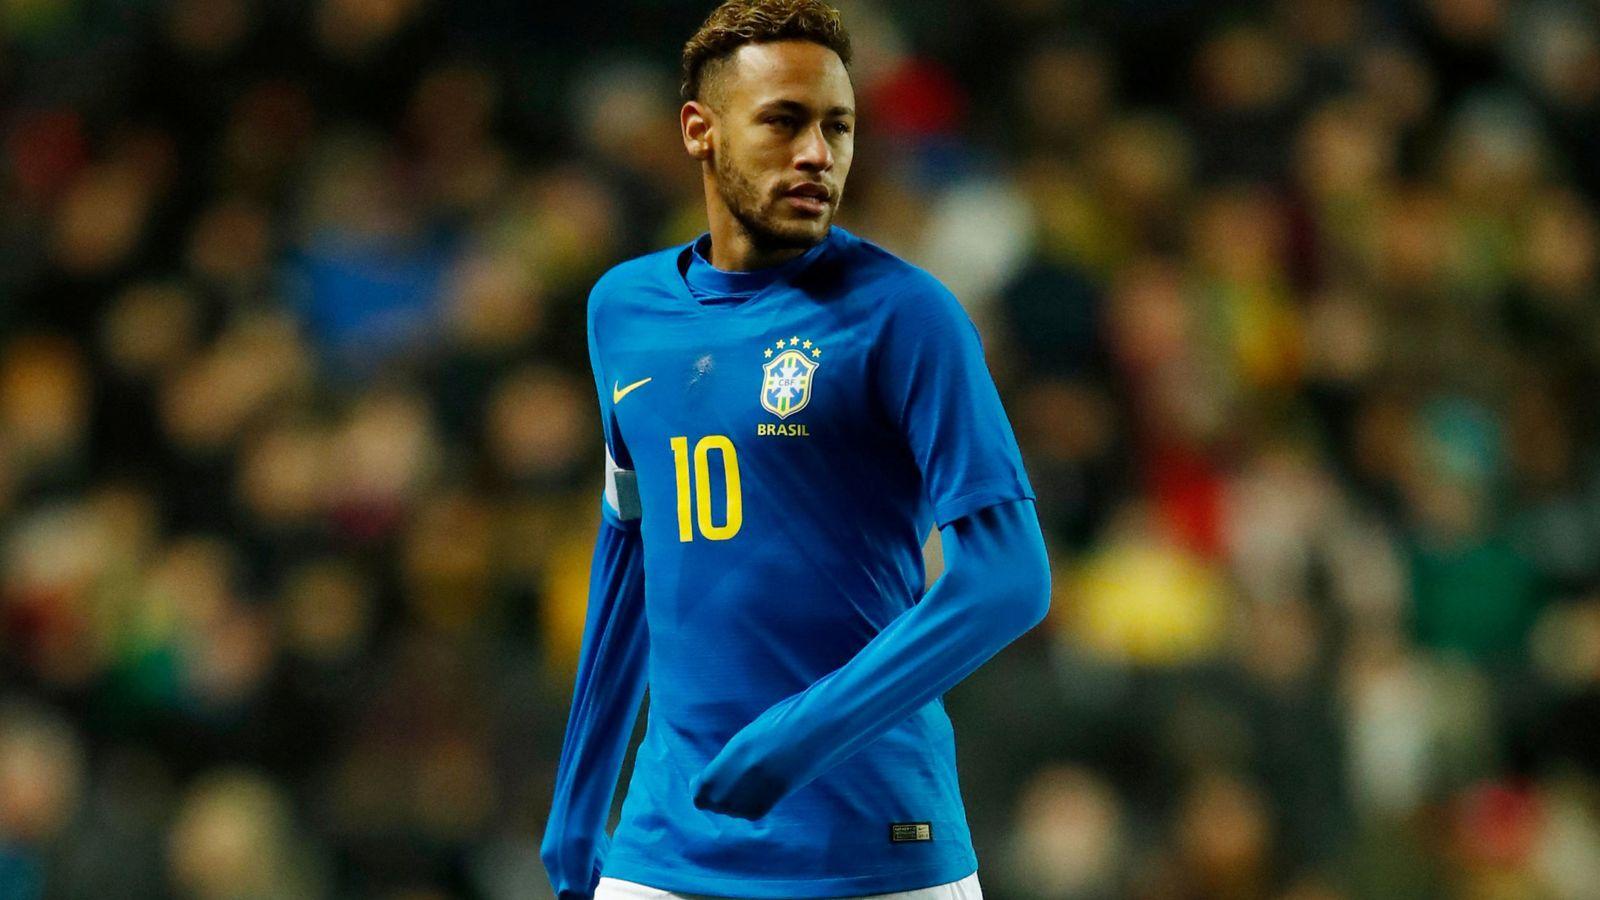 Foto: Neymar se retiró lesionado del amistoso Brasil-Camerún jugado el martes. (Reuters)